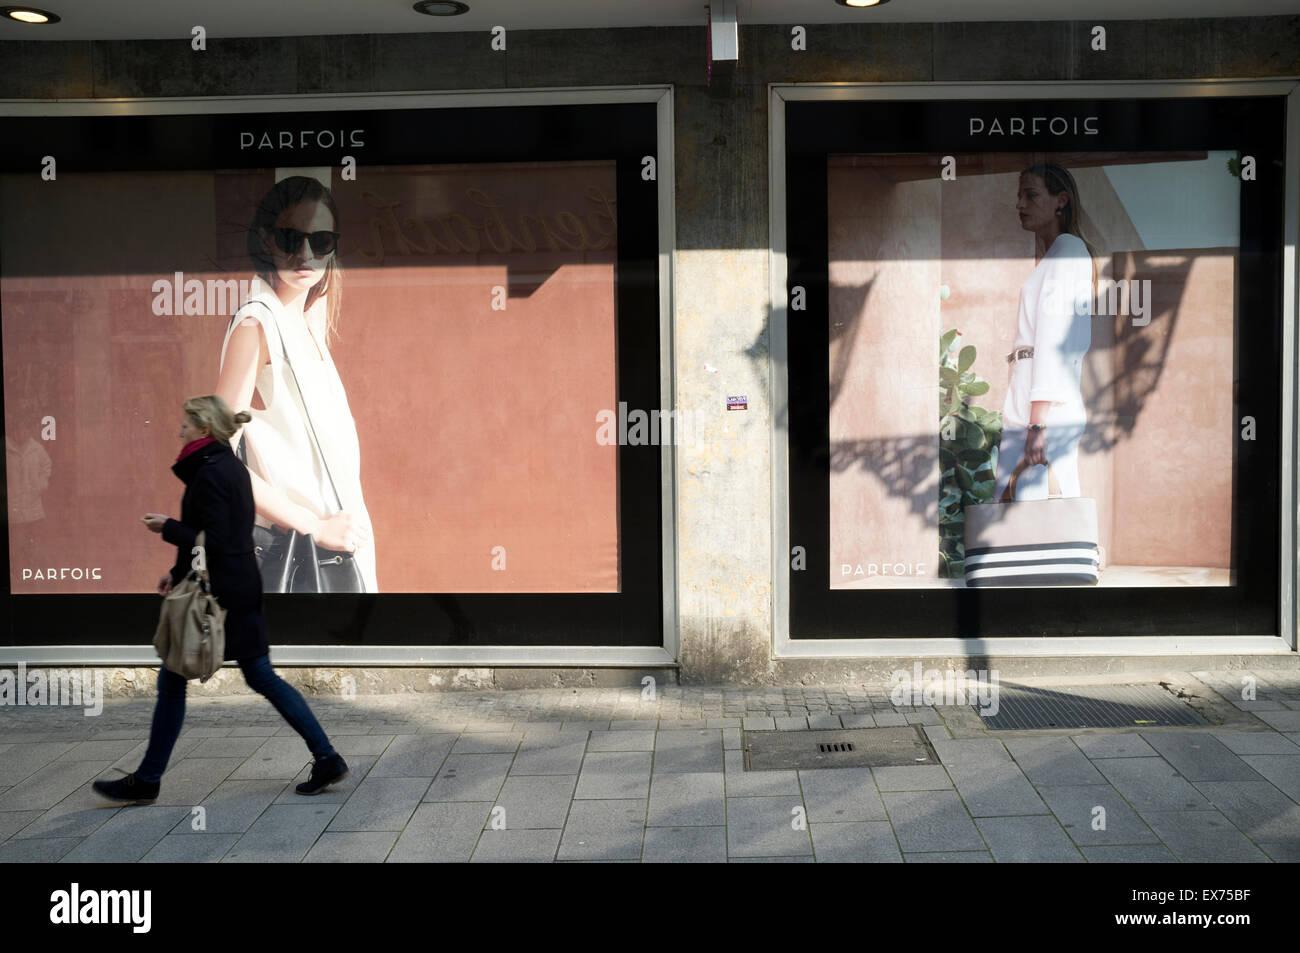 Parfois clothes shop, Dusseldorf, Germany. - Stock Image